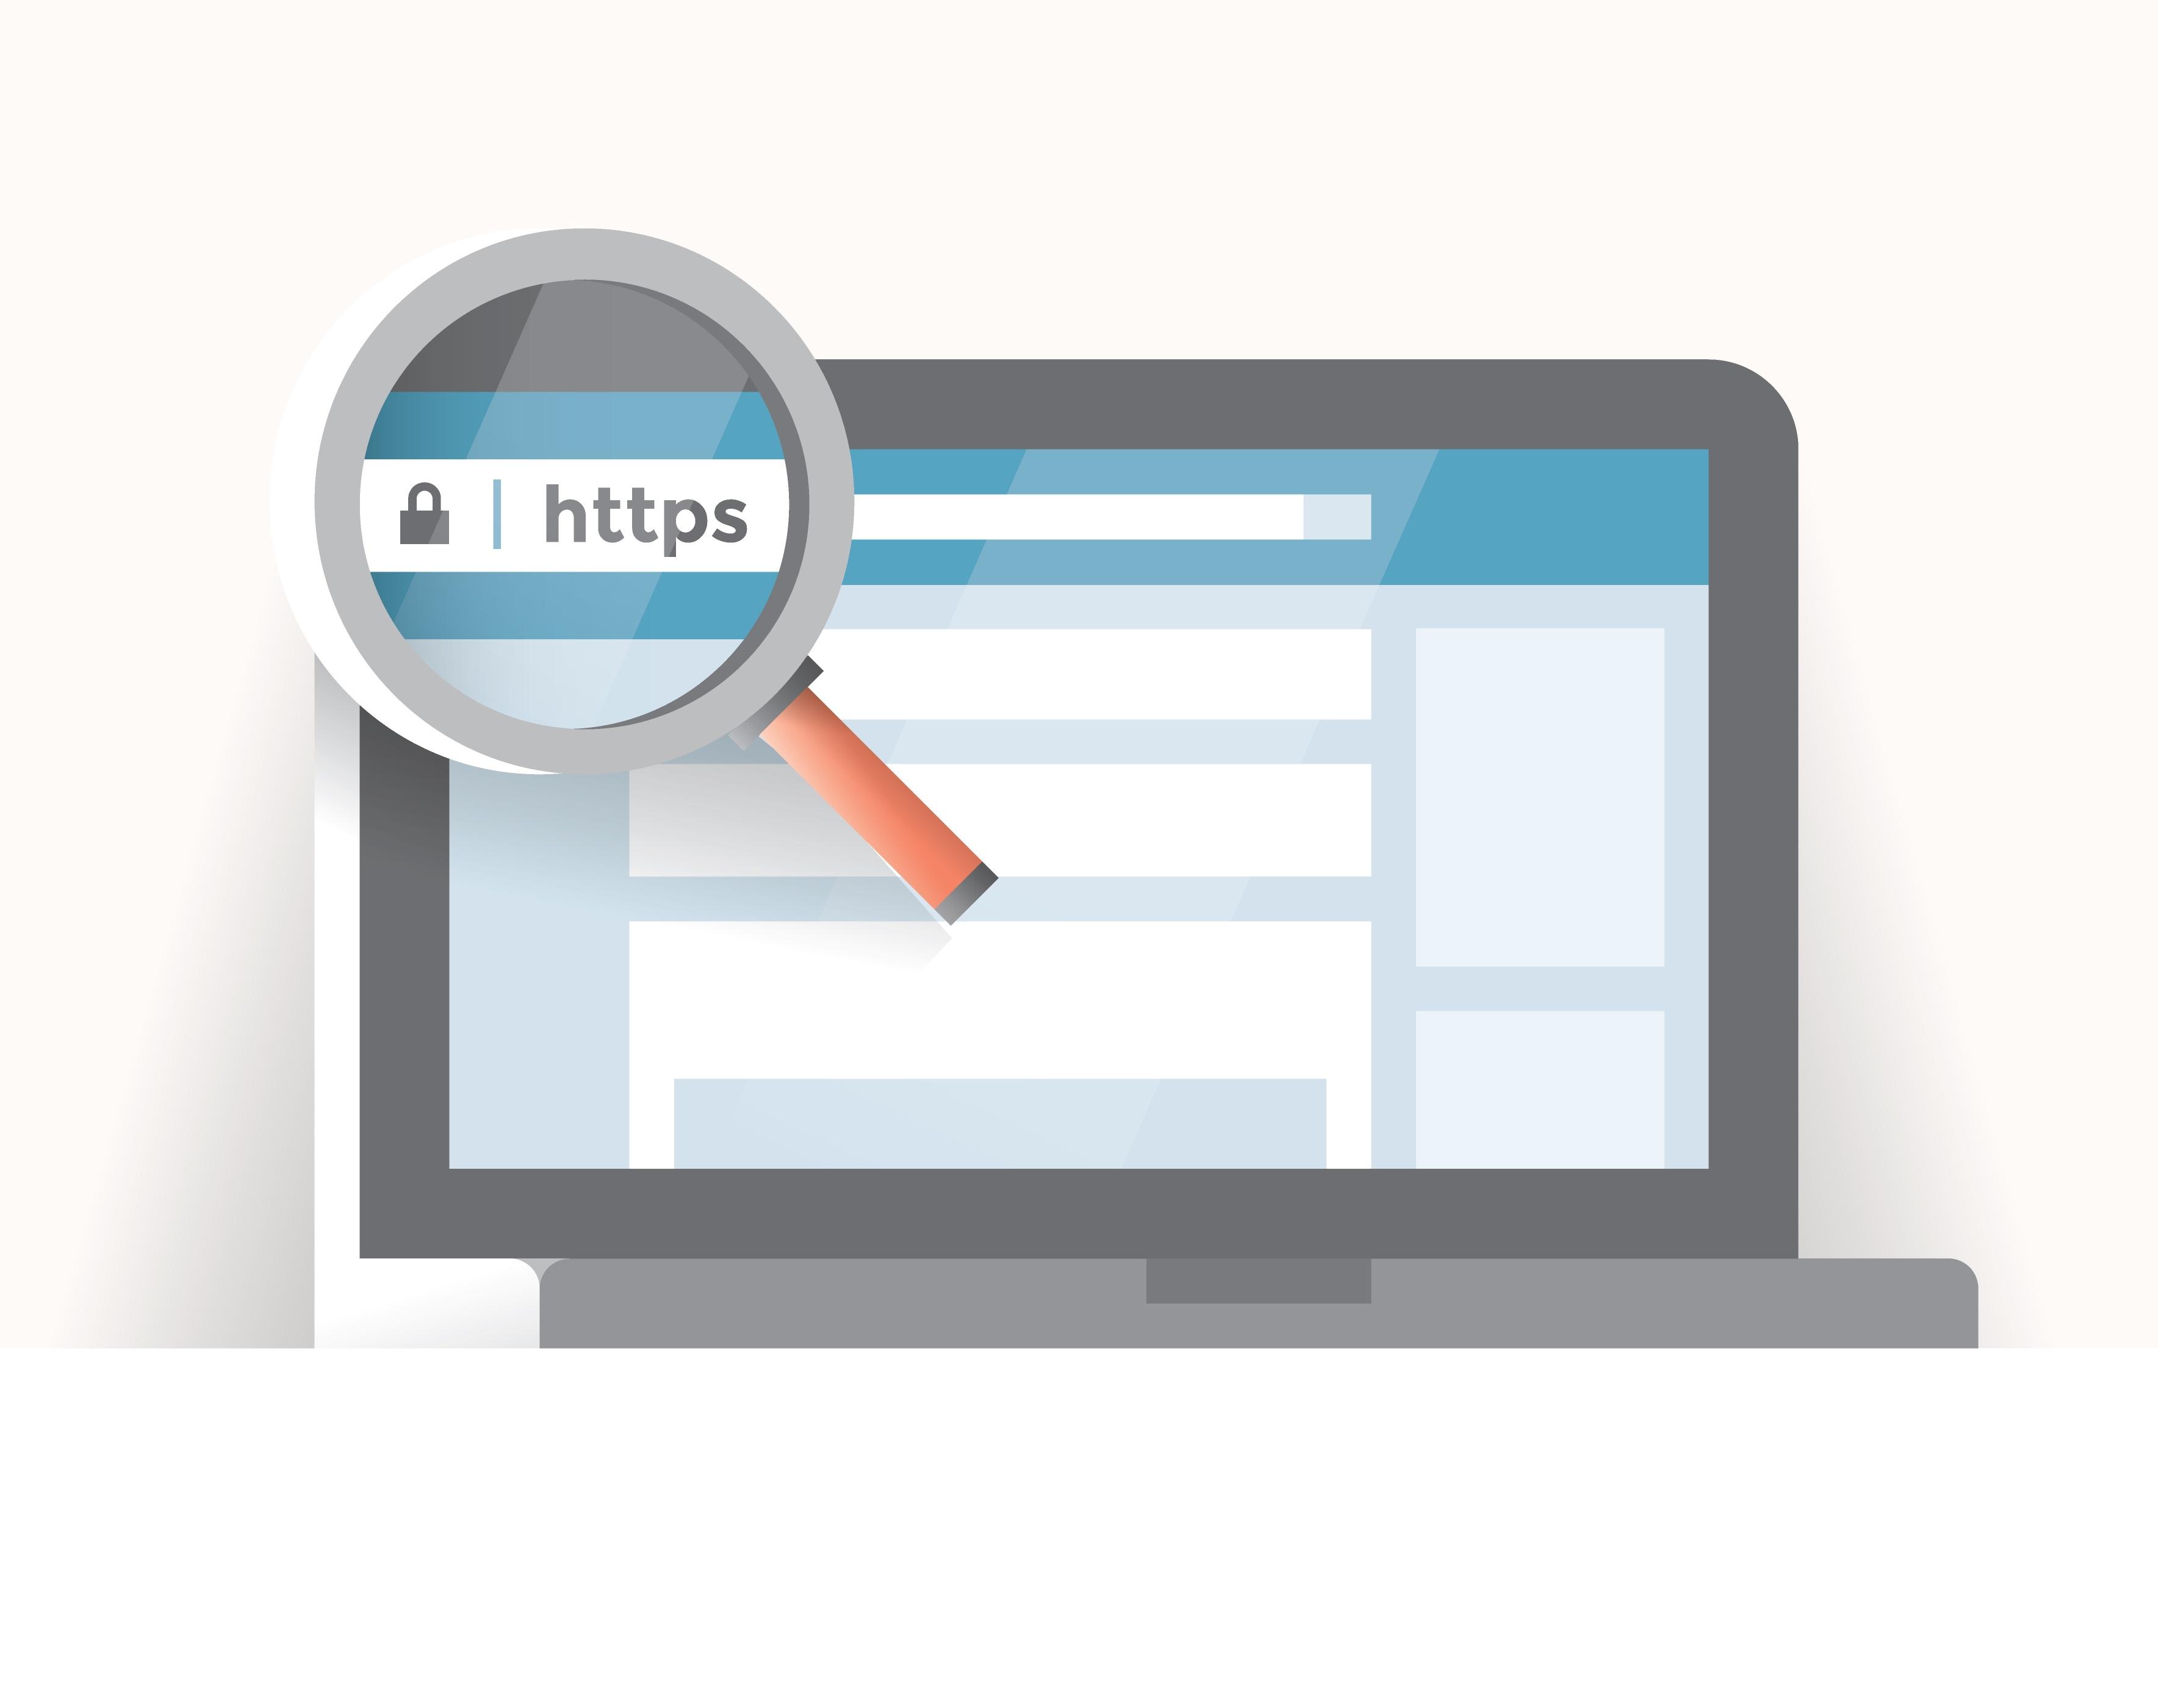 IS-YOUR-SITE-HTTPS.JPG